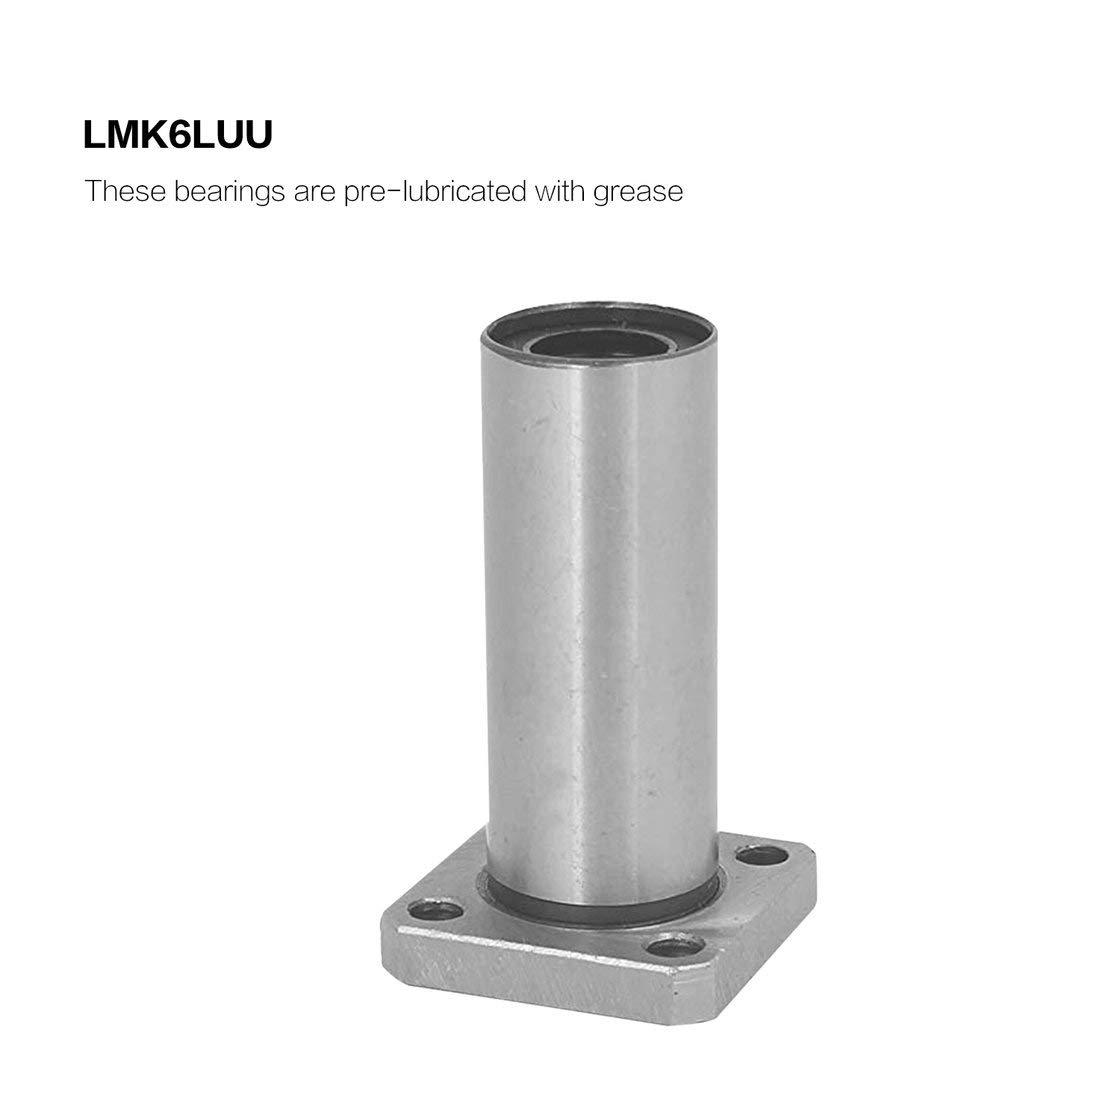 1 UNID LMK6LUU dr: 6mm Tipo de Brida Cuadrada Larga Bujes de ...